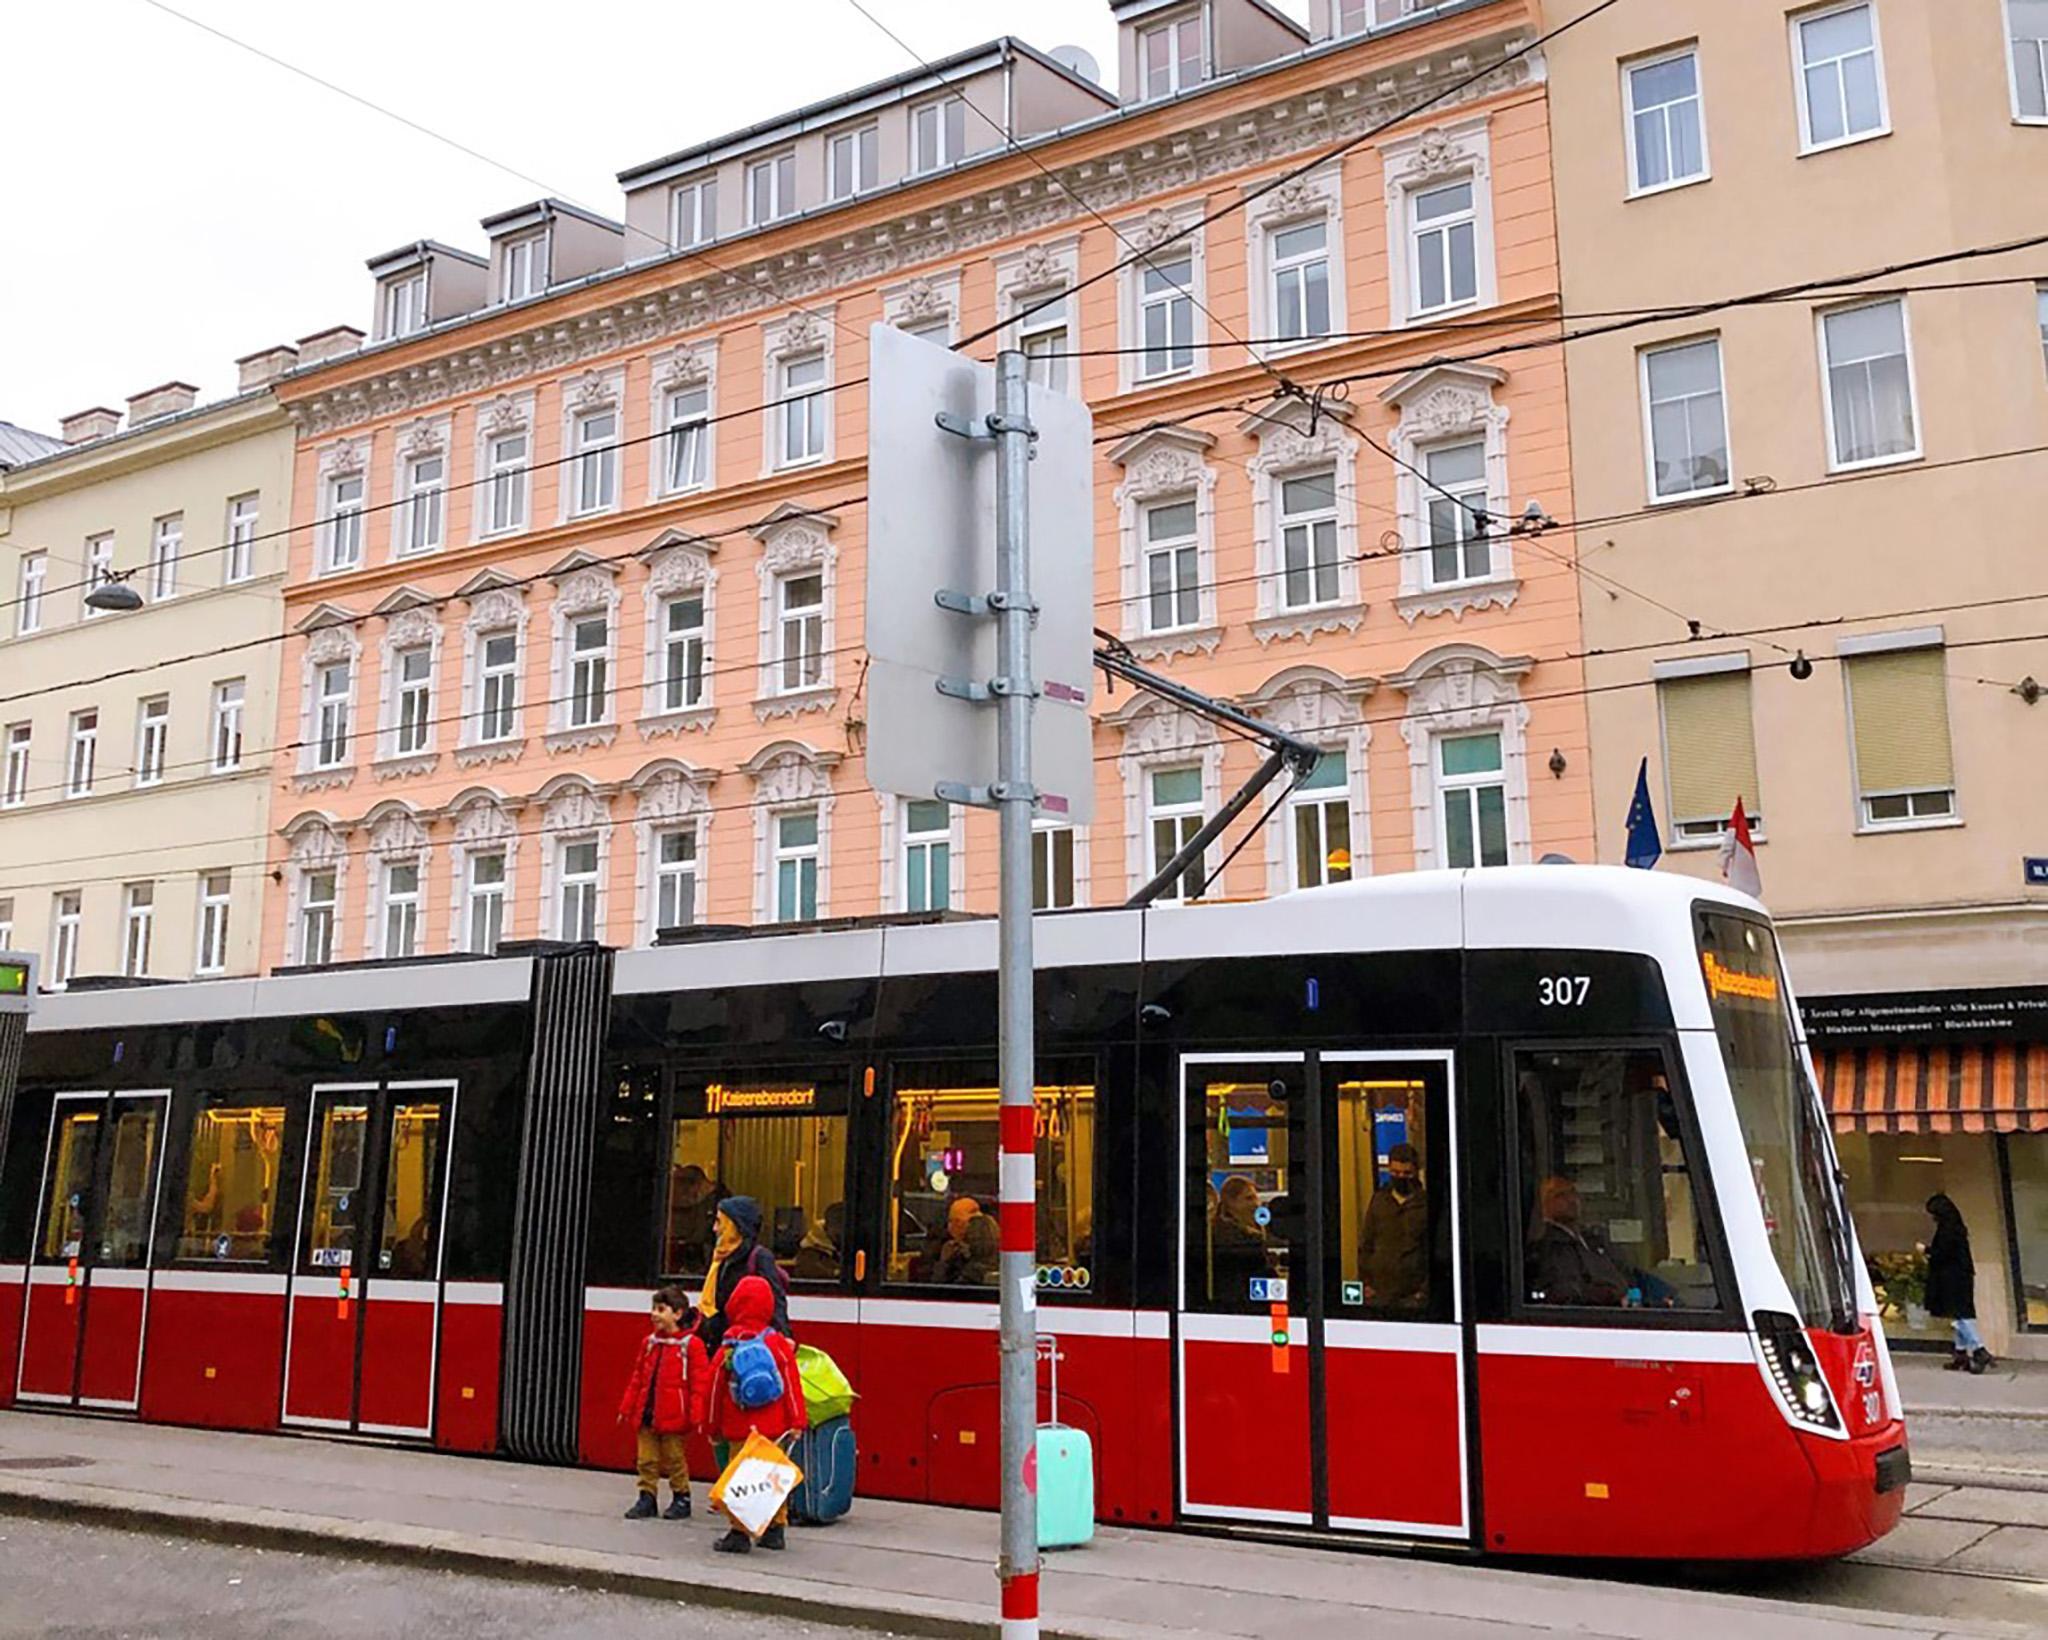 A tram on Quellenstrasse